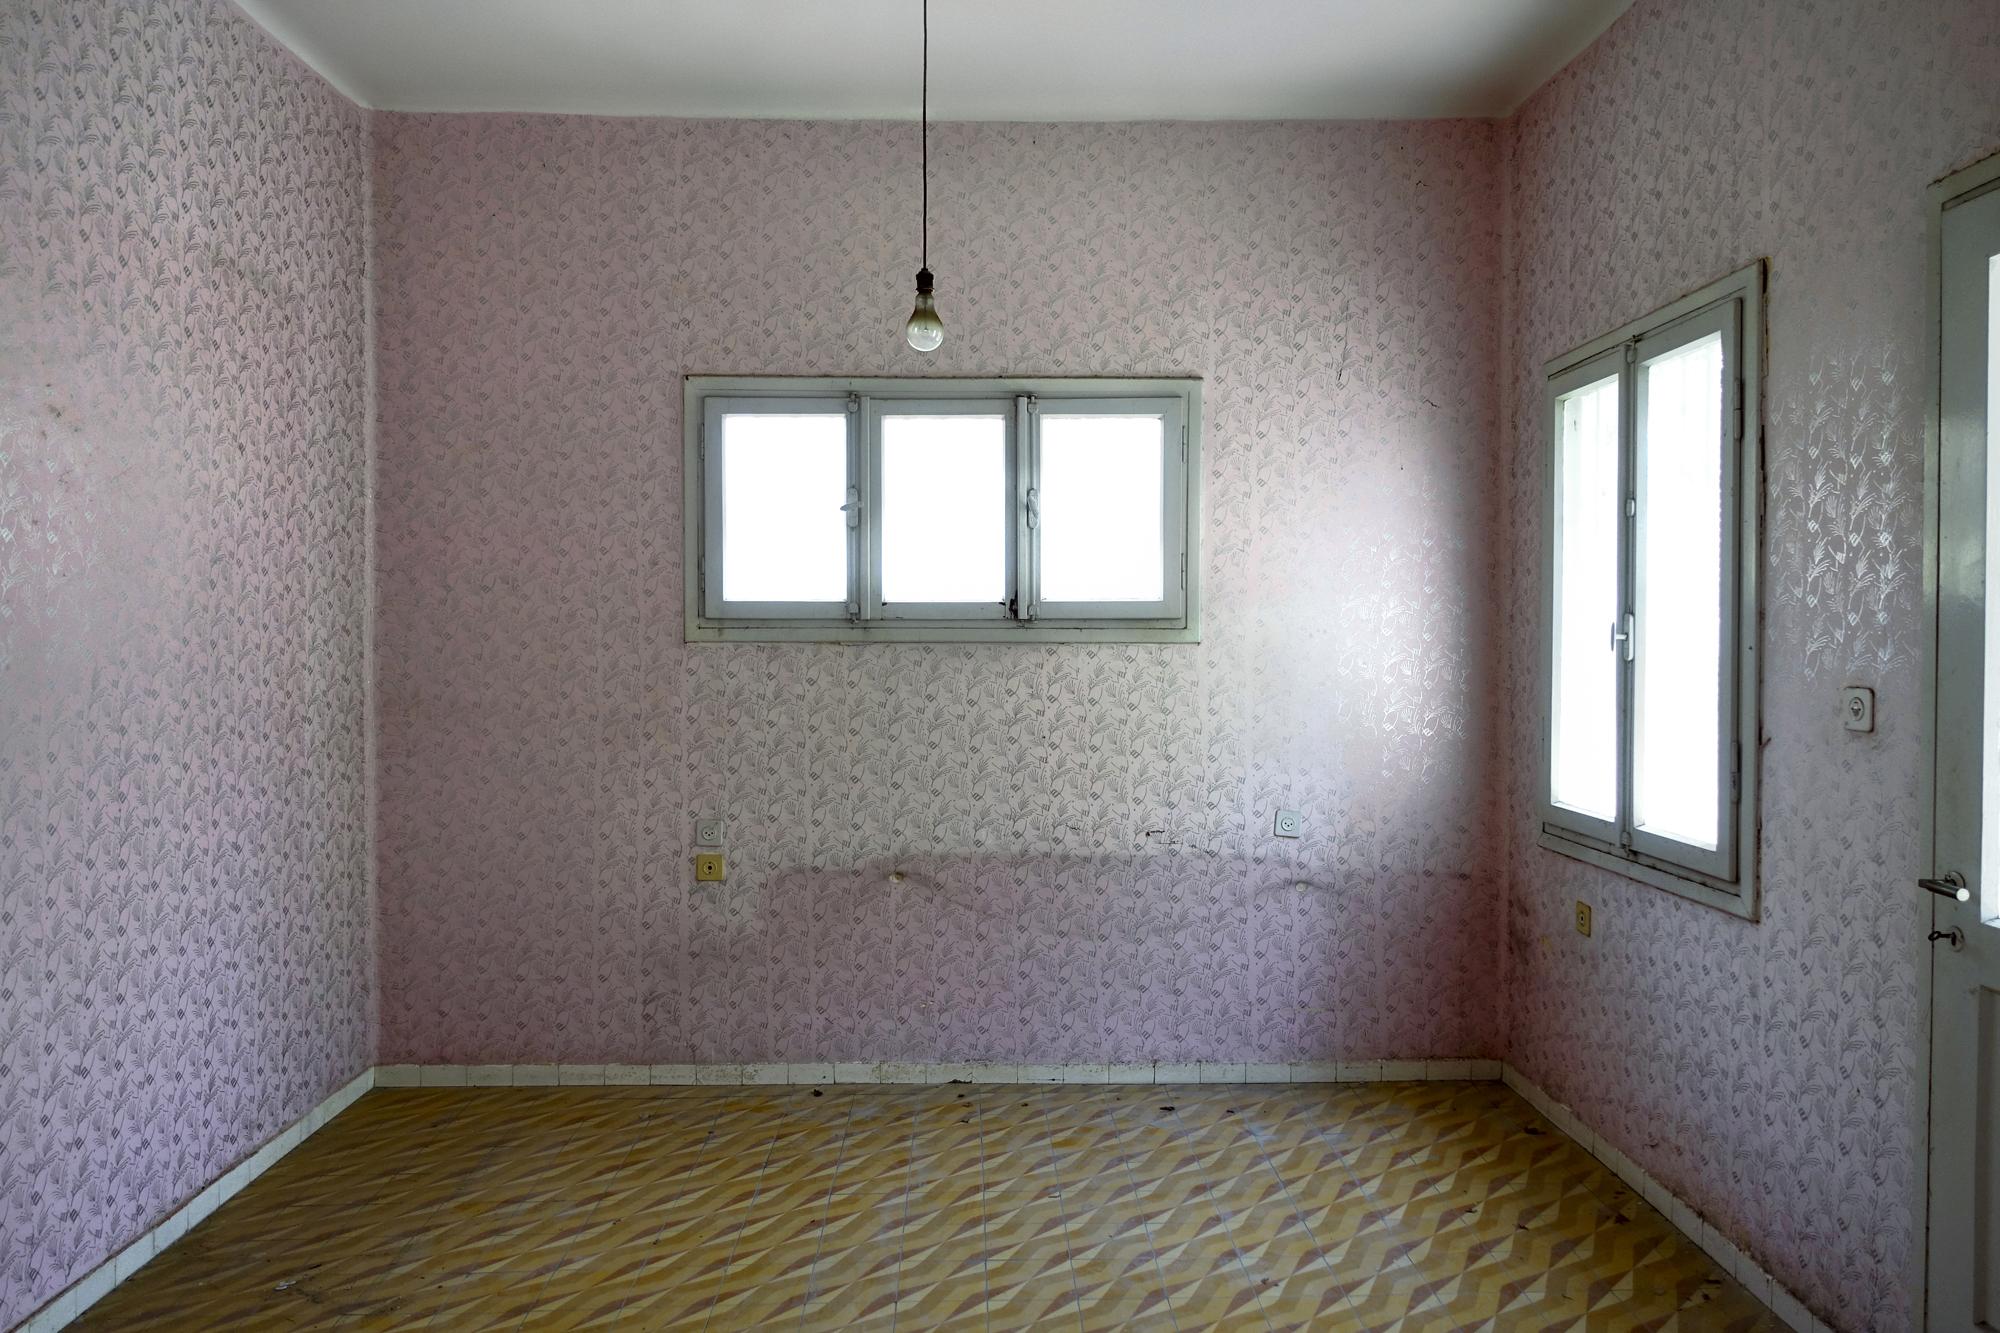 Yael Argov Hacmun Room 2016